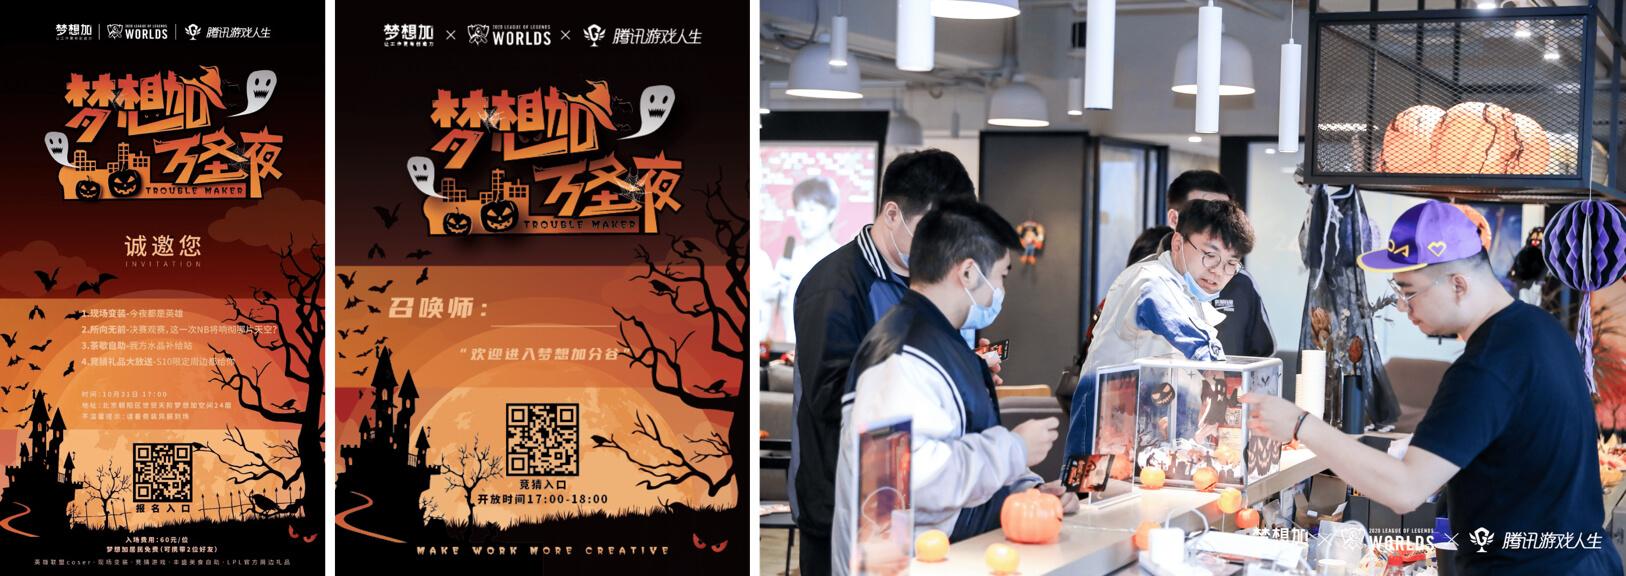 mengxiangjia1